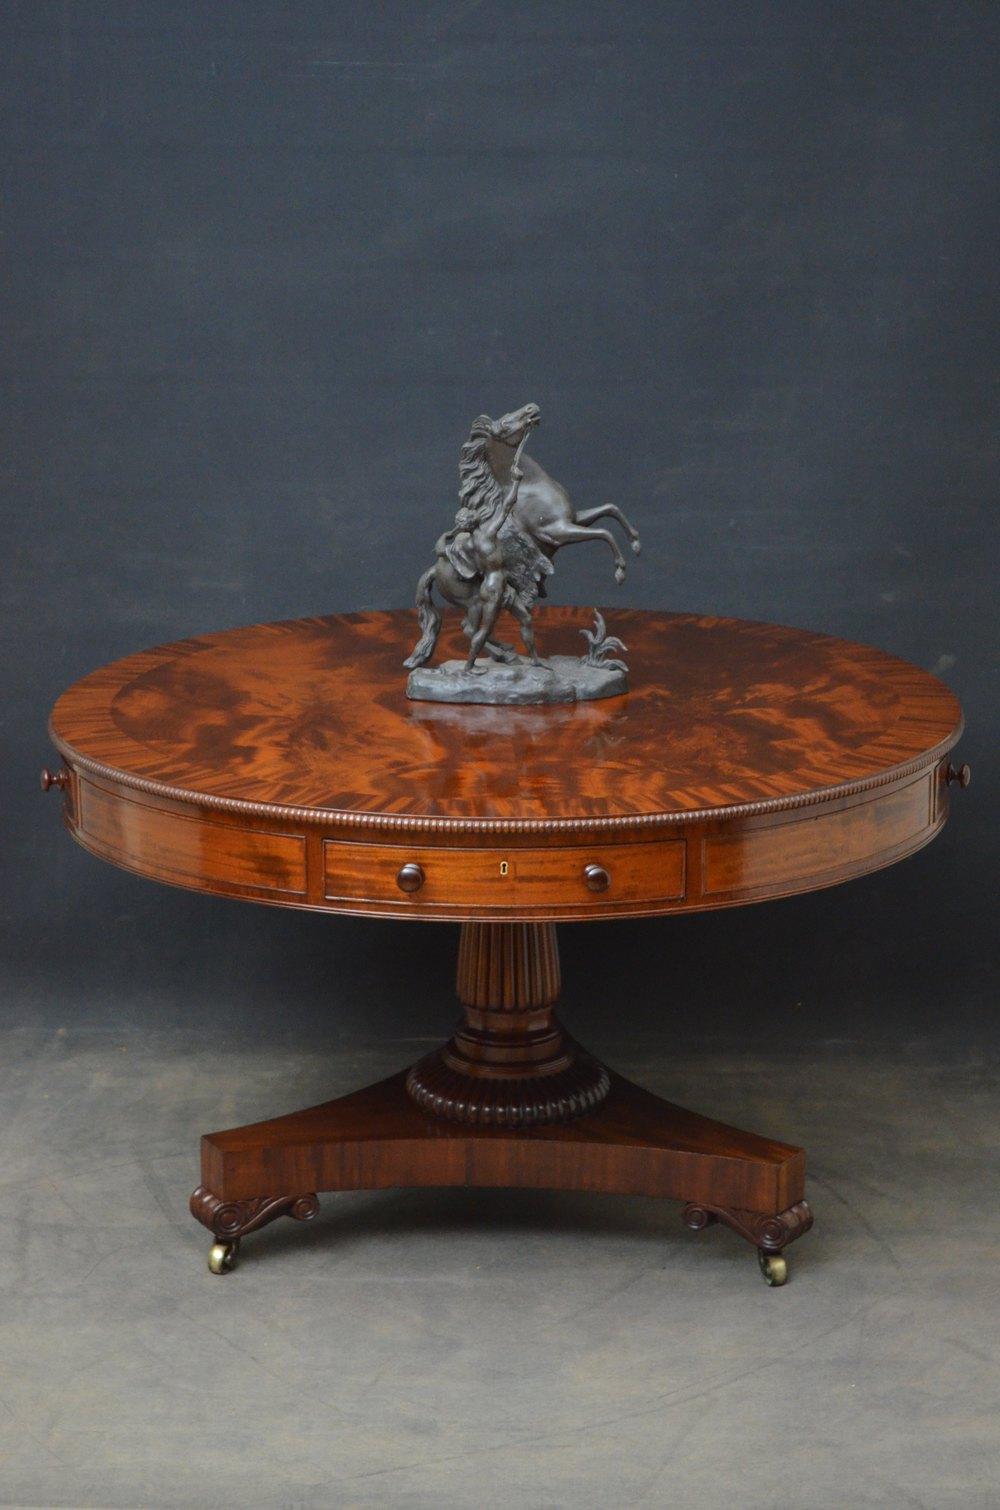 Simple William IV Revolving Drum Table in Mahogany